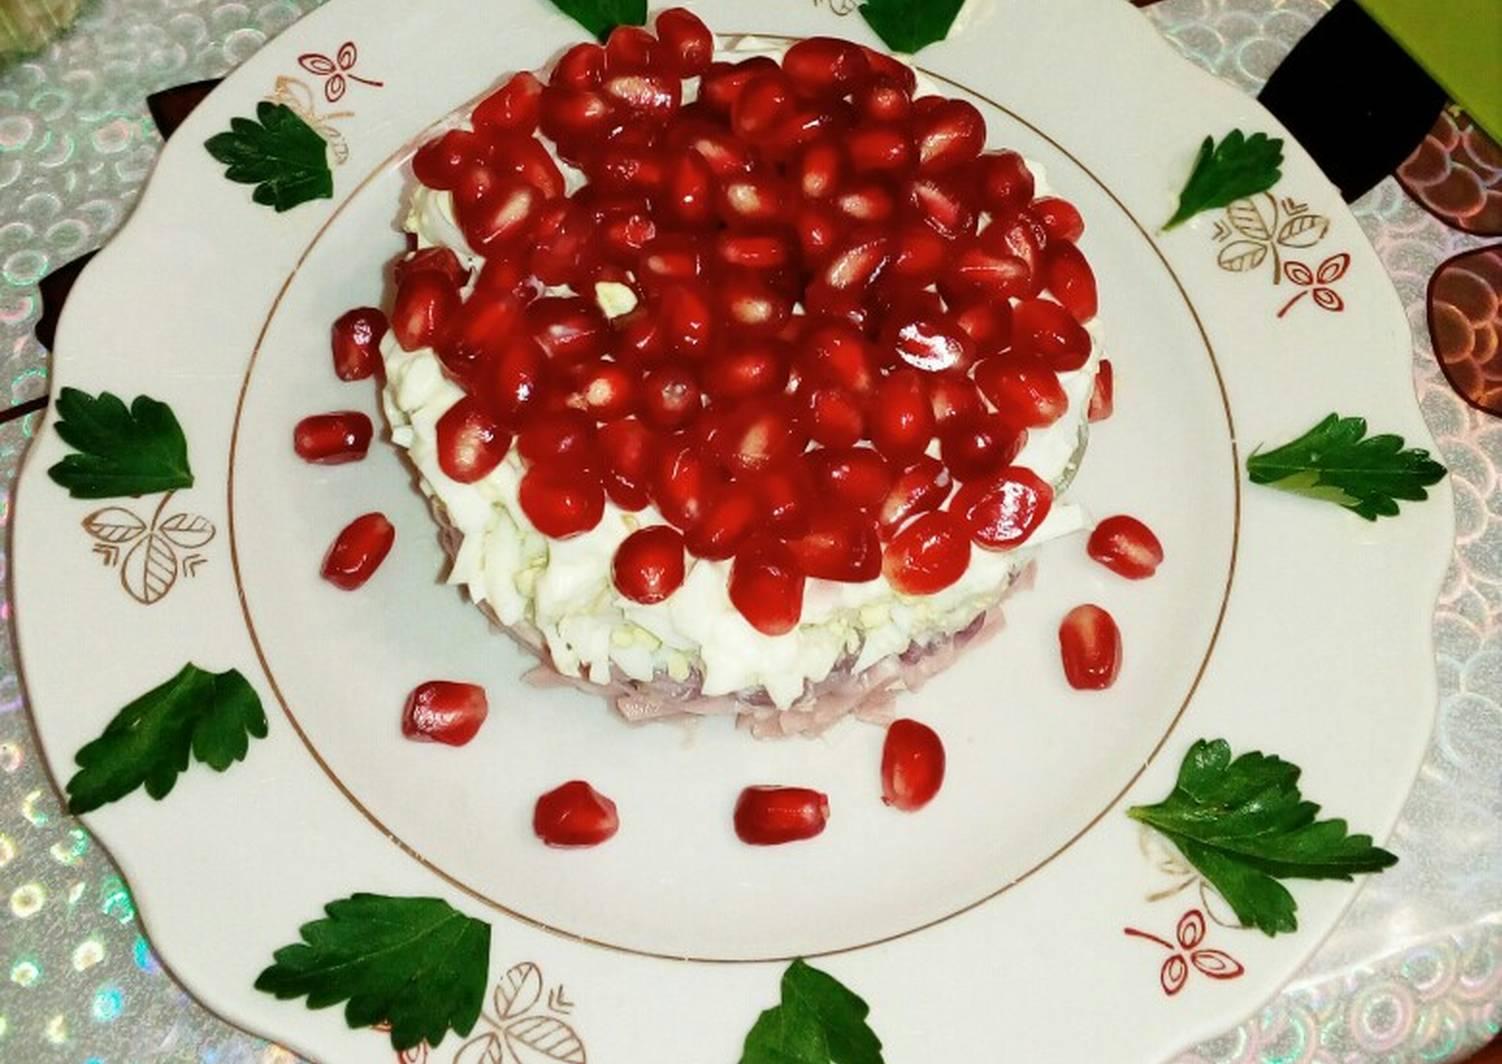 регионов салаты на рубиновую свадьбу фото и рецепты дома это, сути